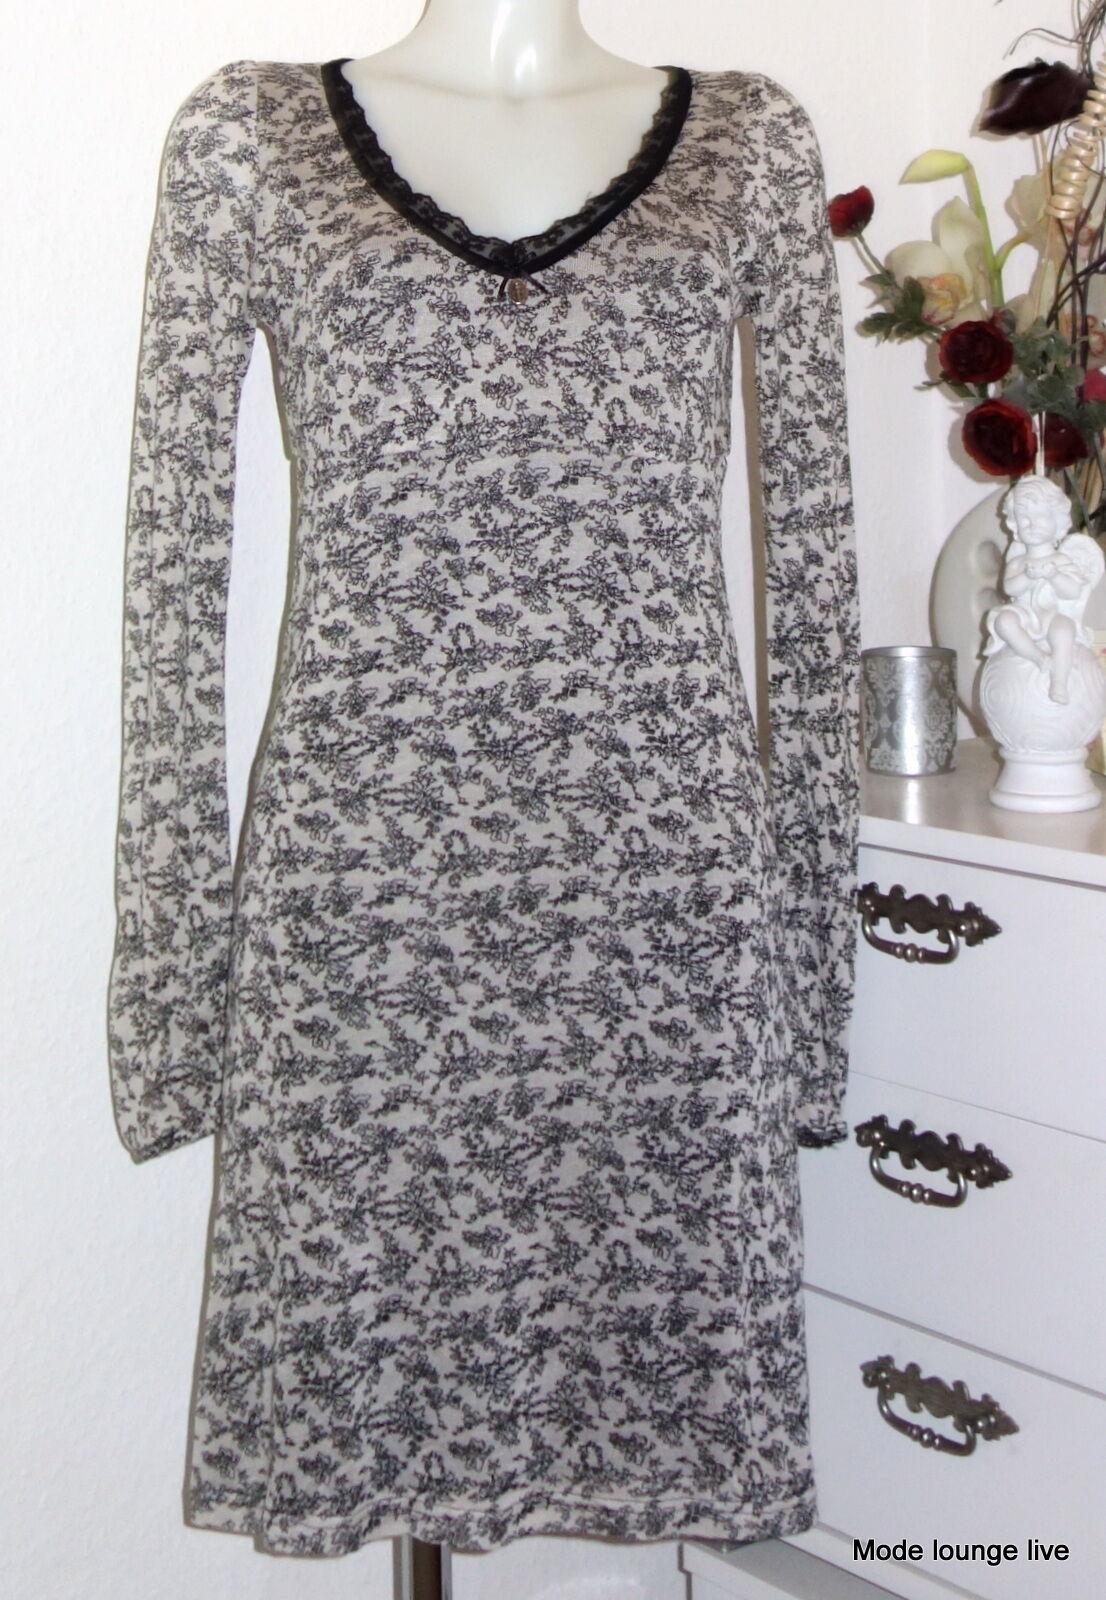 Vive Maria Kleid schwarz schwarz Blaumen weiß Mellow Flowers Dress offWeiß 31716